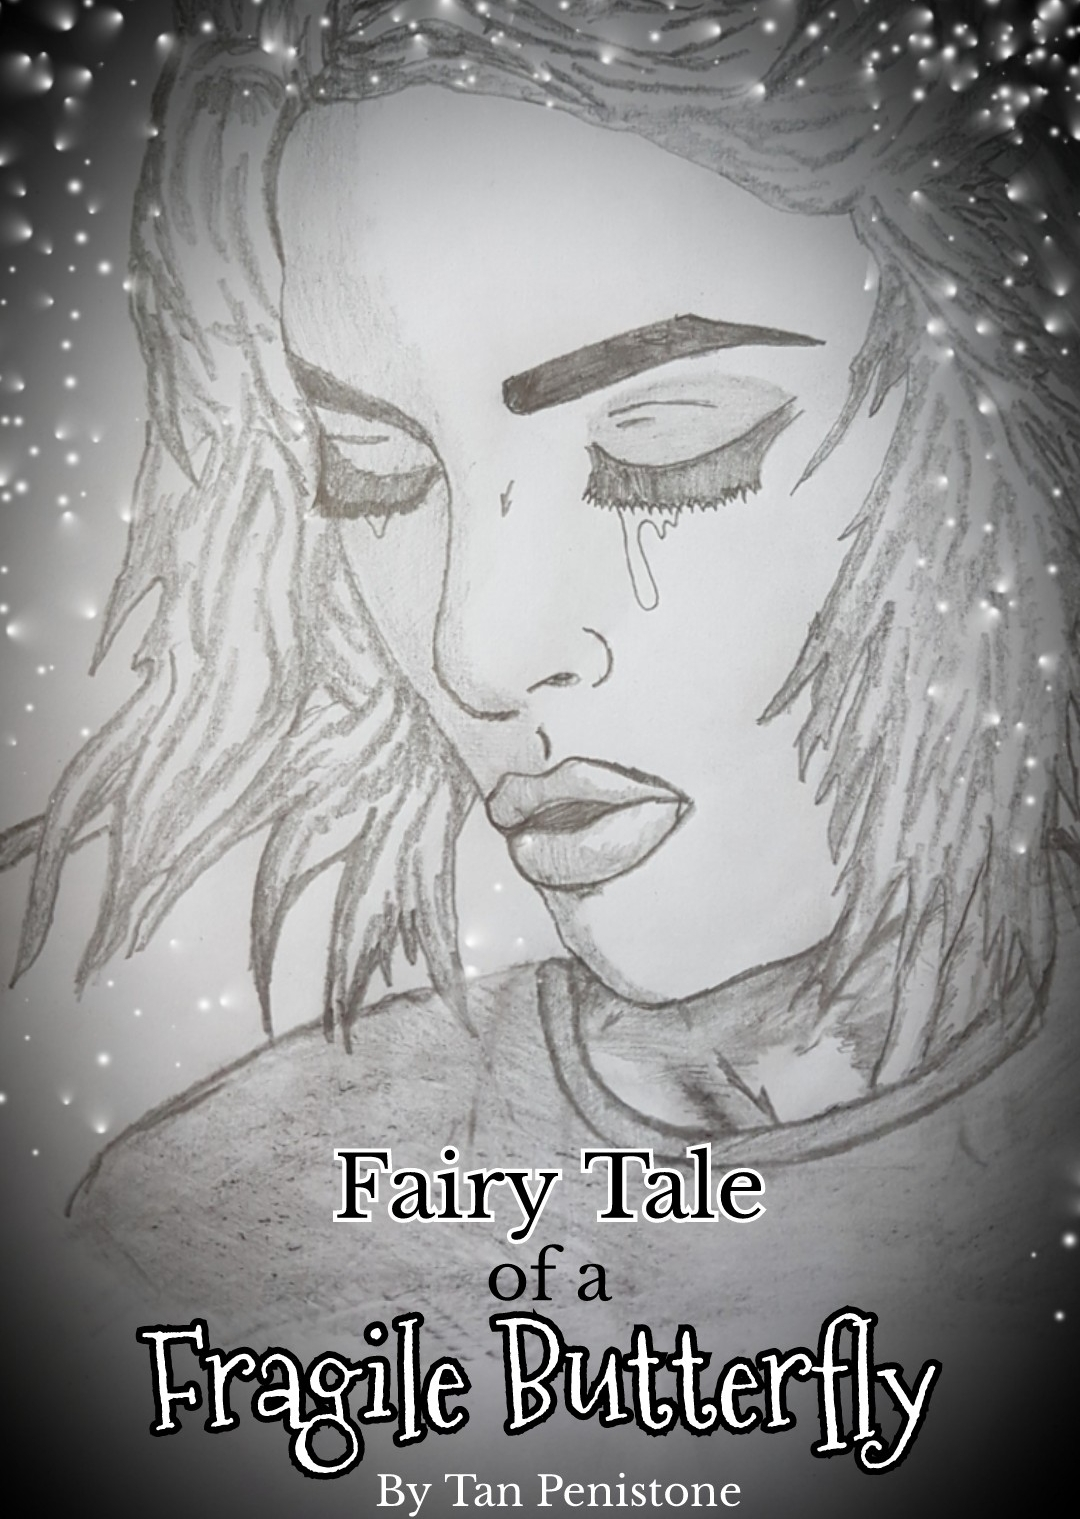 Fairytale Of A Fragile Butterfly